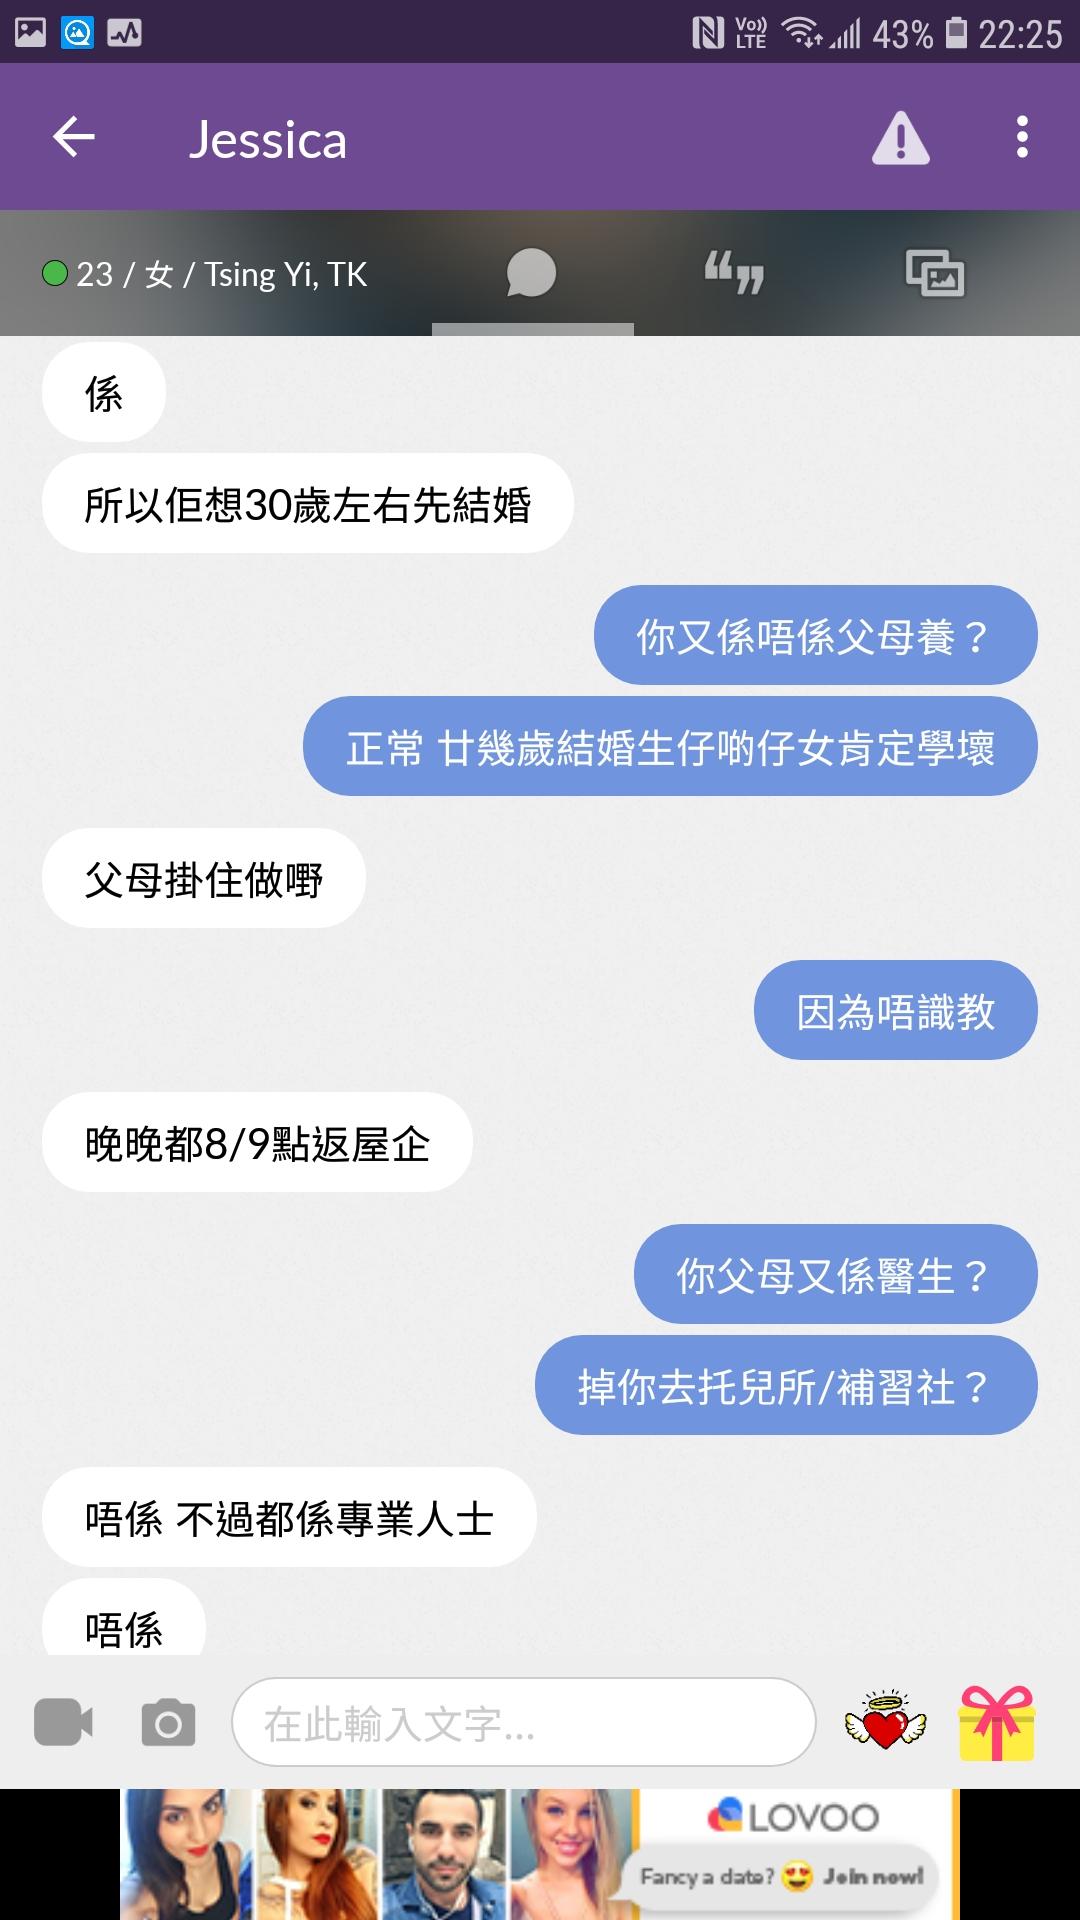 https://upload.cc/i1/2020/01/28/ZMExJg.png